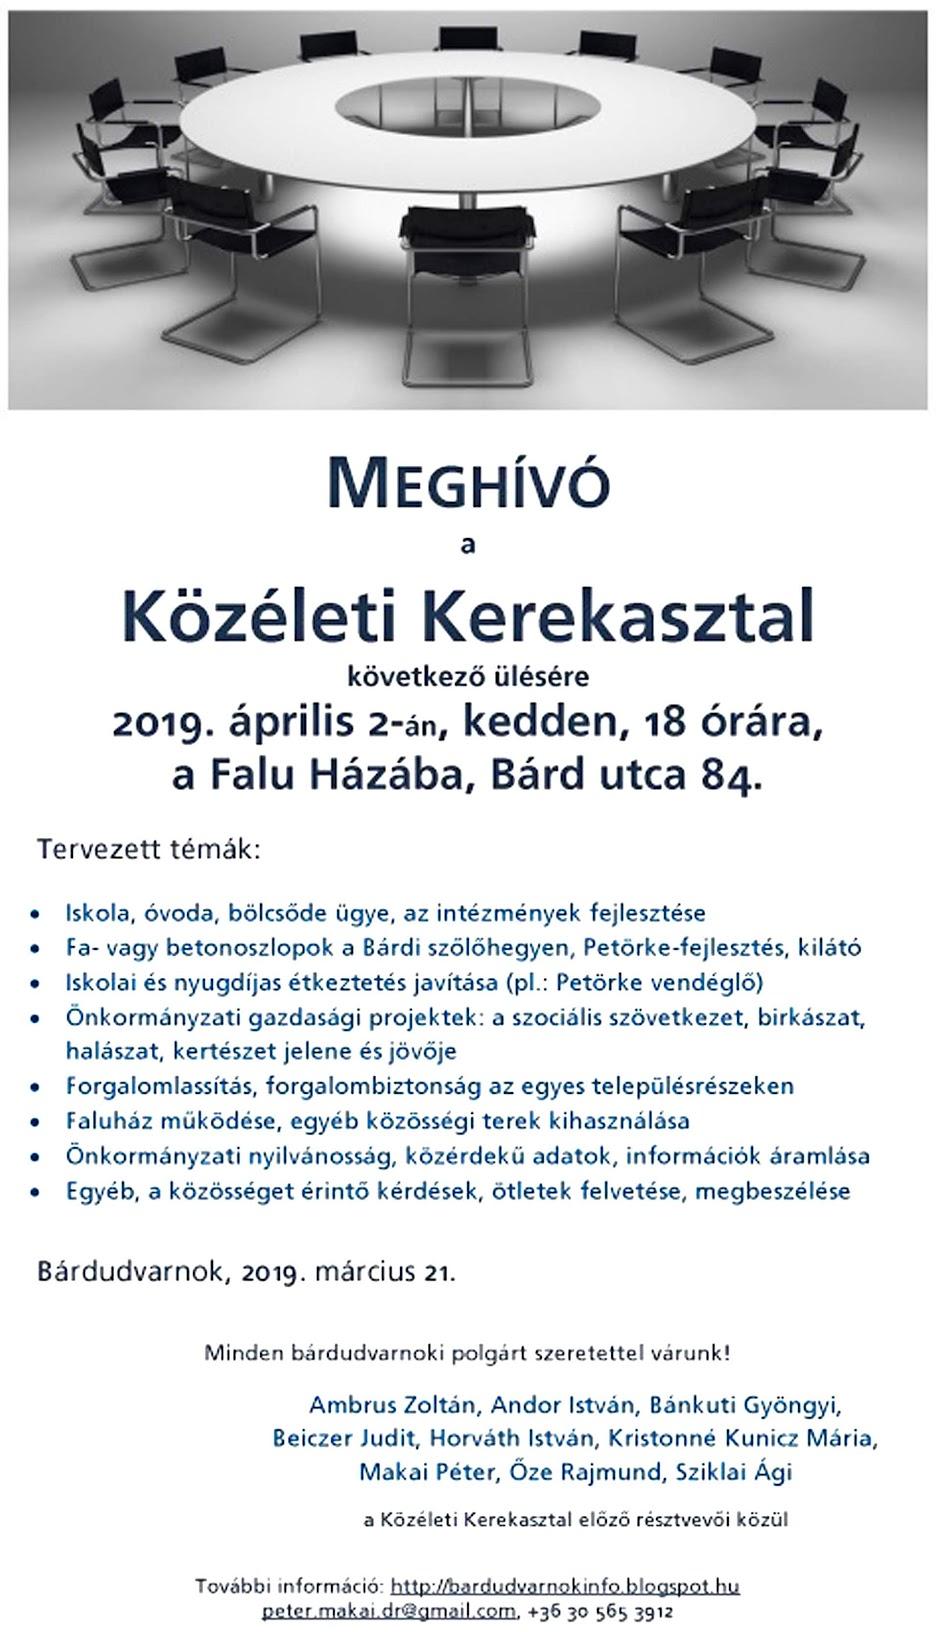 Közéleti Kerekasztal 2019.04.02